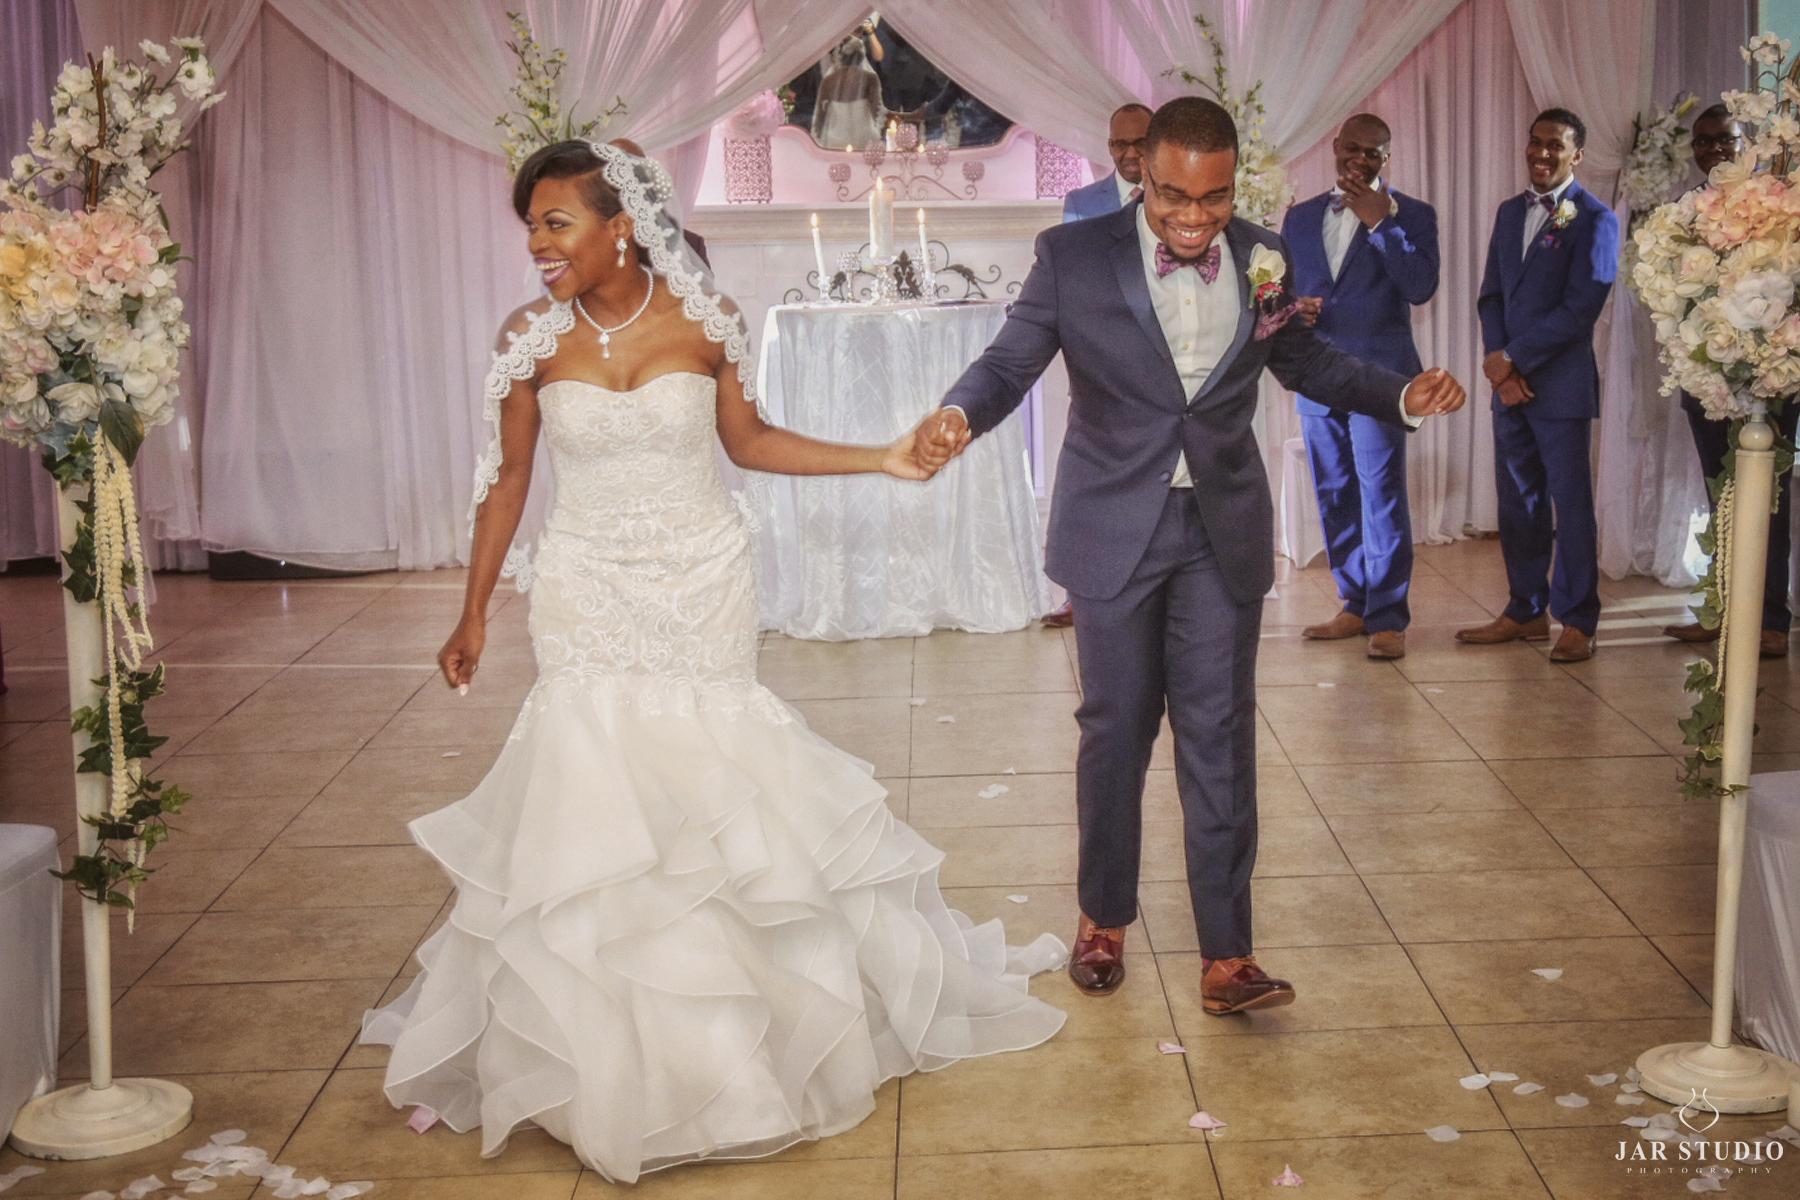 27-ceremony-happy-exit-jarstudio-wedding-photographer.JPG